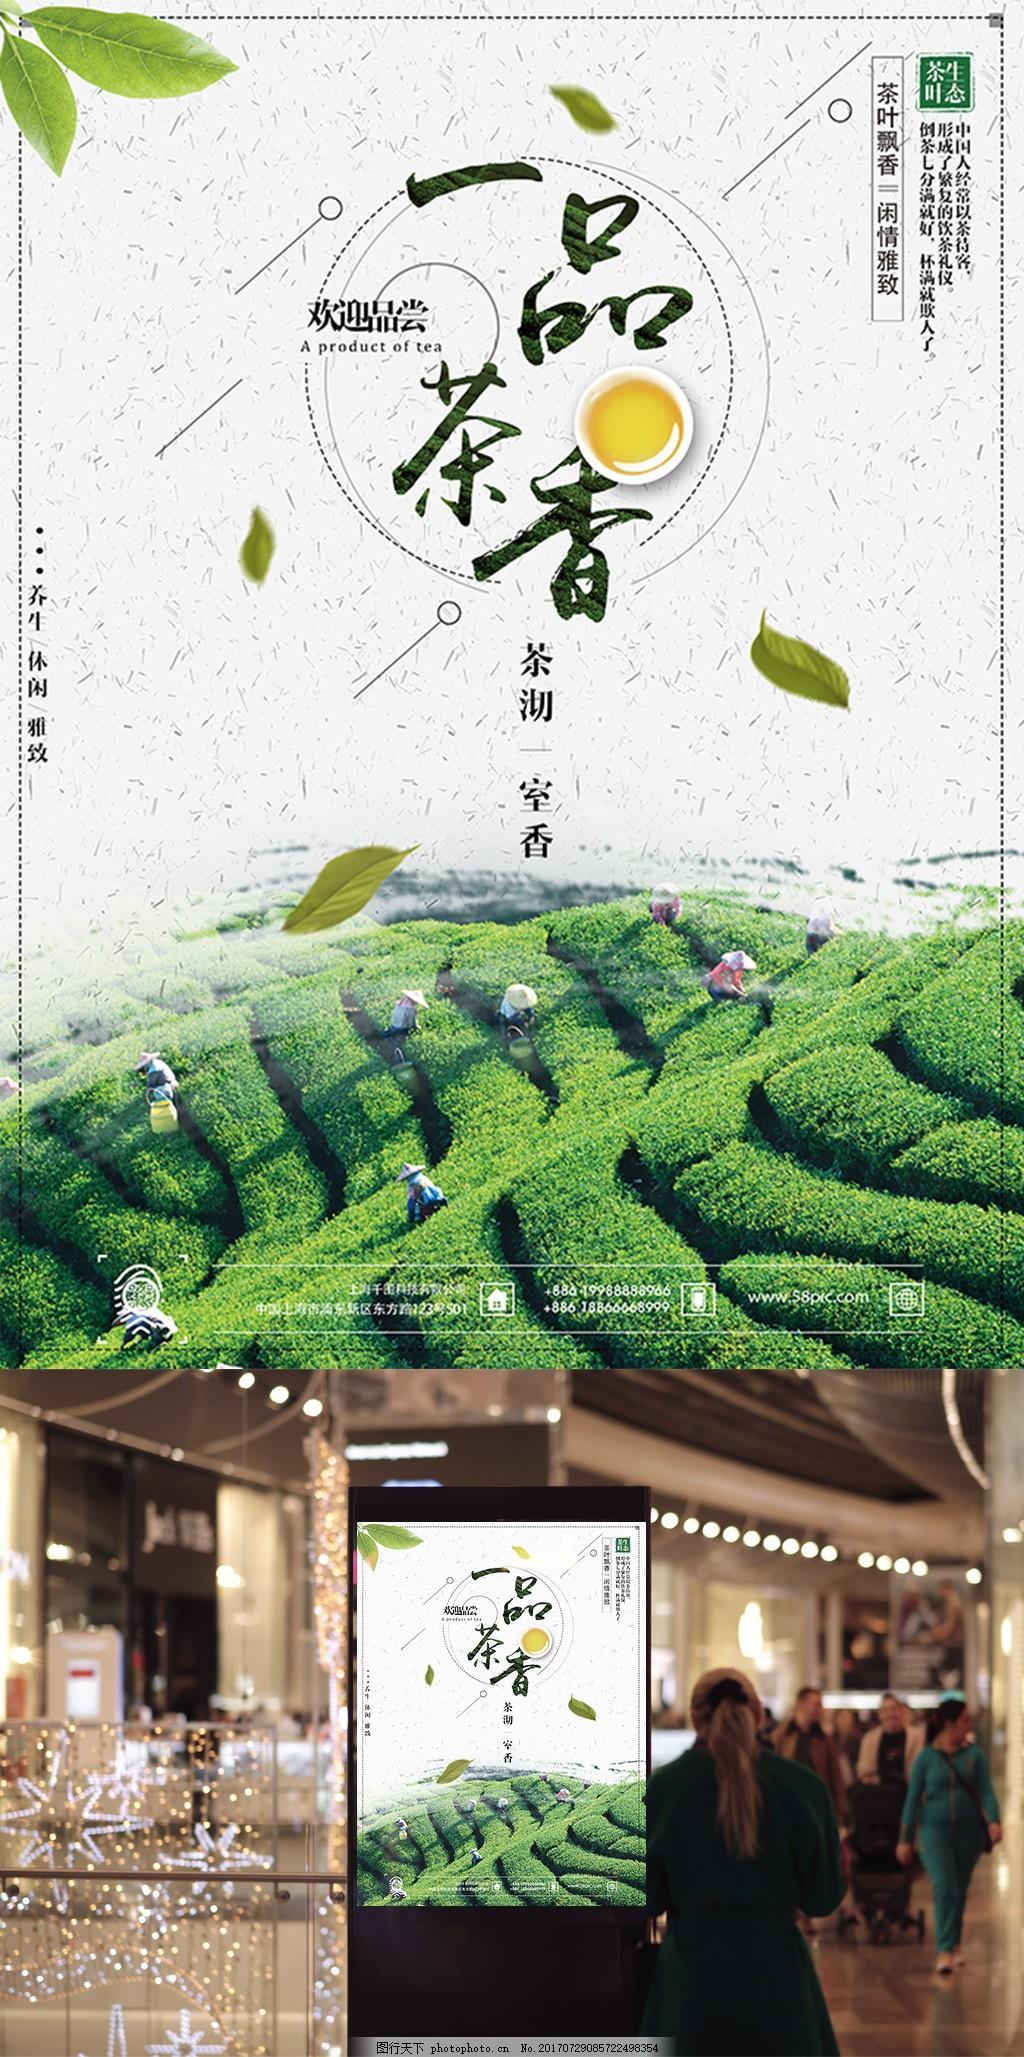 清新绿色茶叶新茶上市促销商业海报设计模板